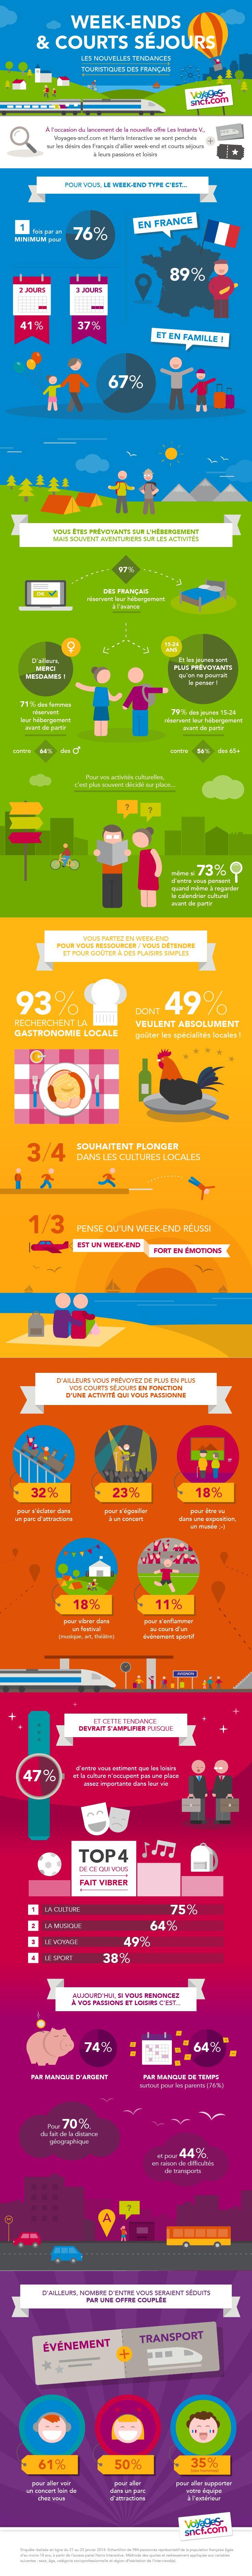 Les nouveaux comportements des français en week-end et courts séjours